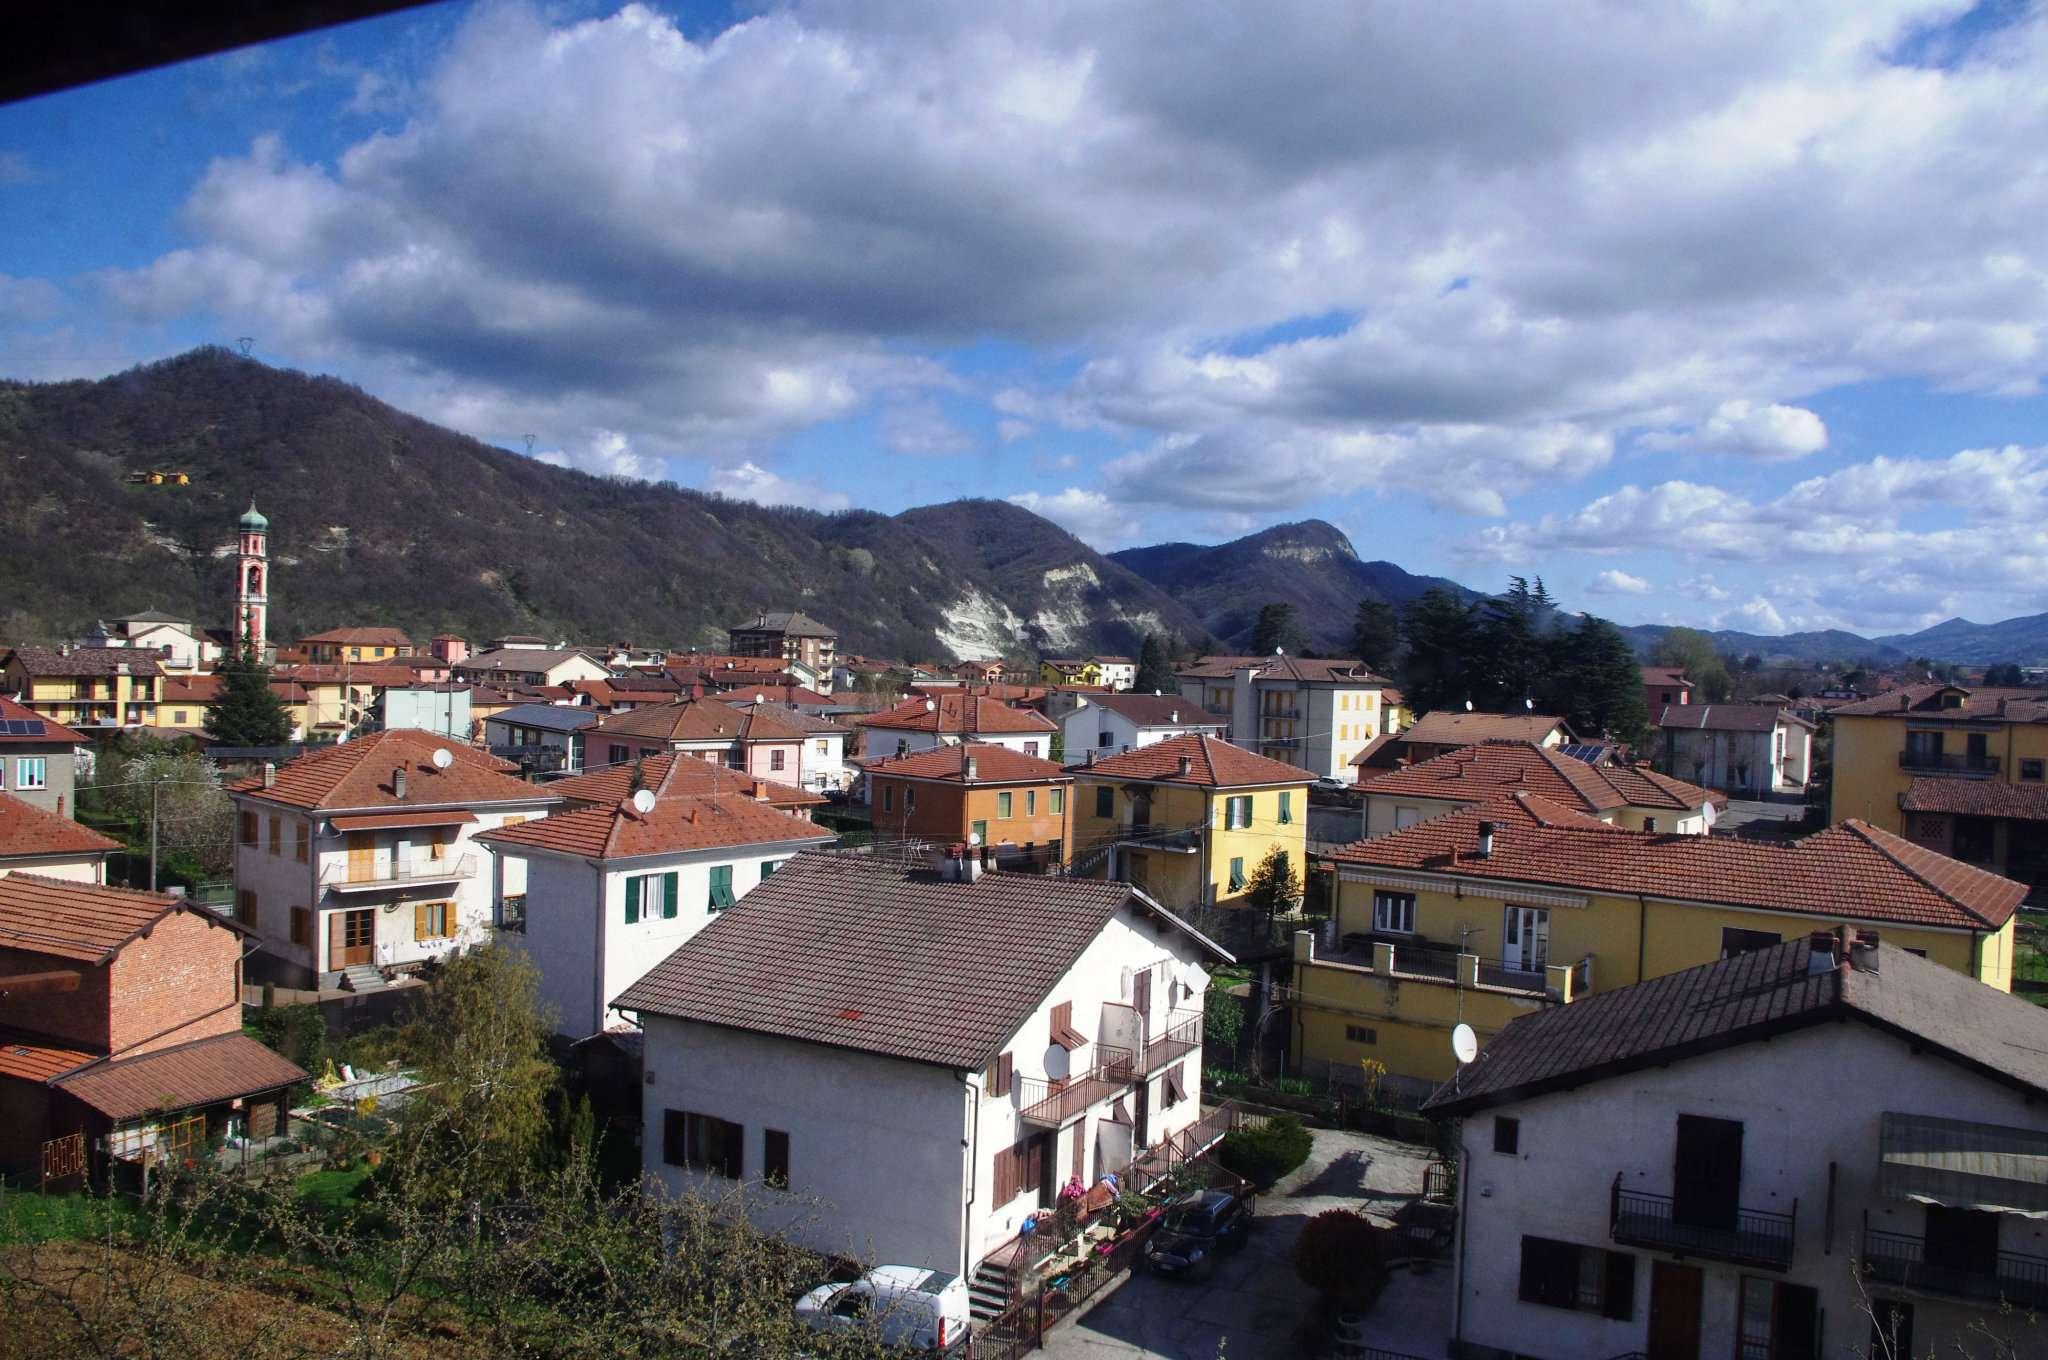 Appartamento in vendita a Vignole Borbera, 6 locali, prezzo € 96.000 | PortaleAgenzieImmobiliari.it